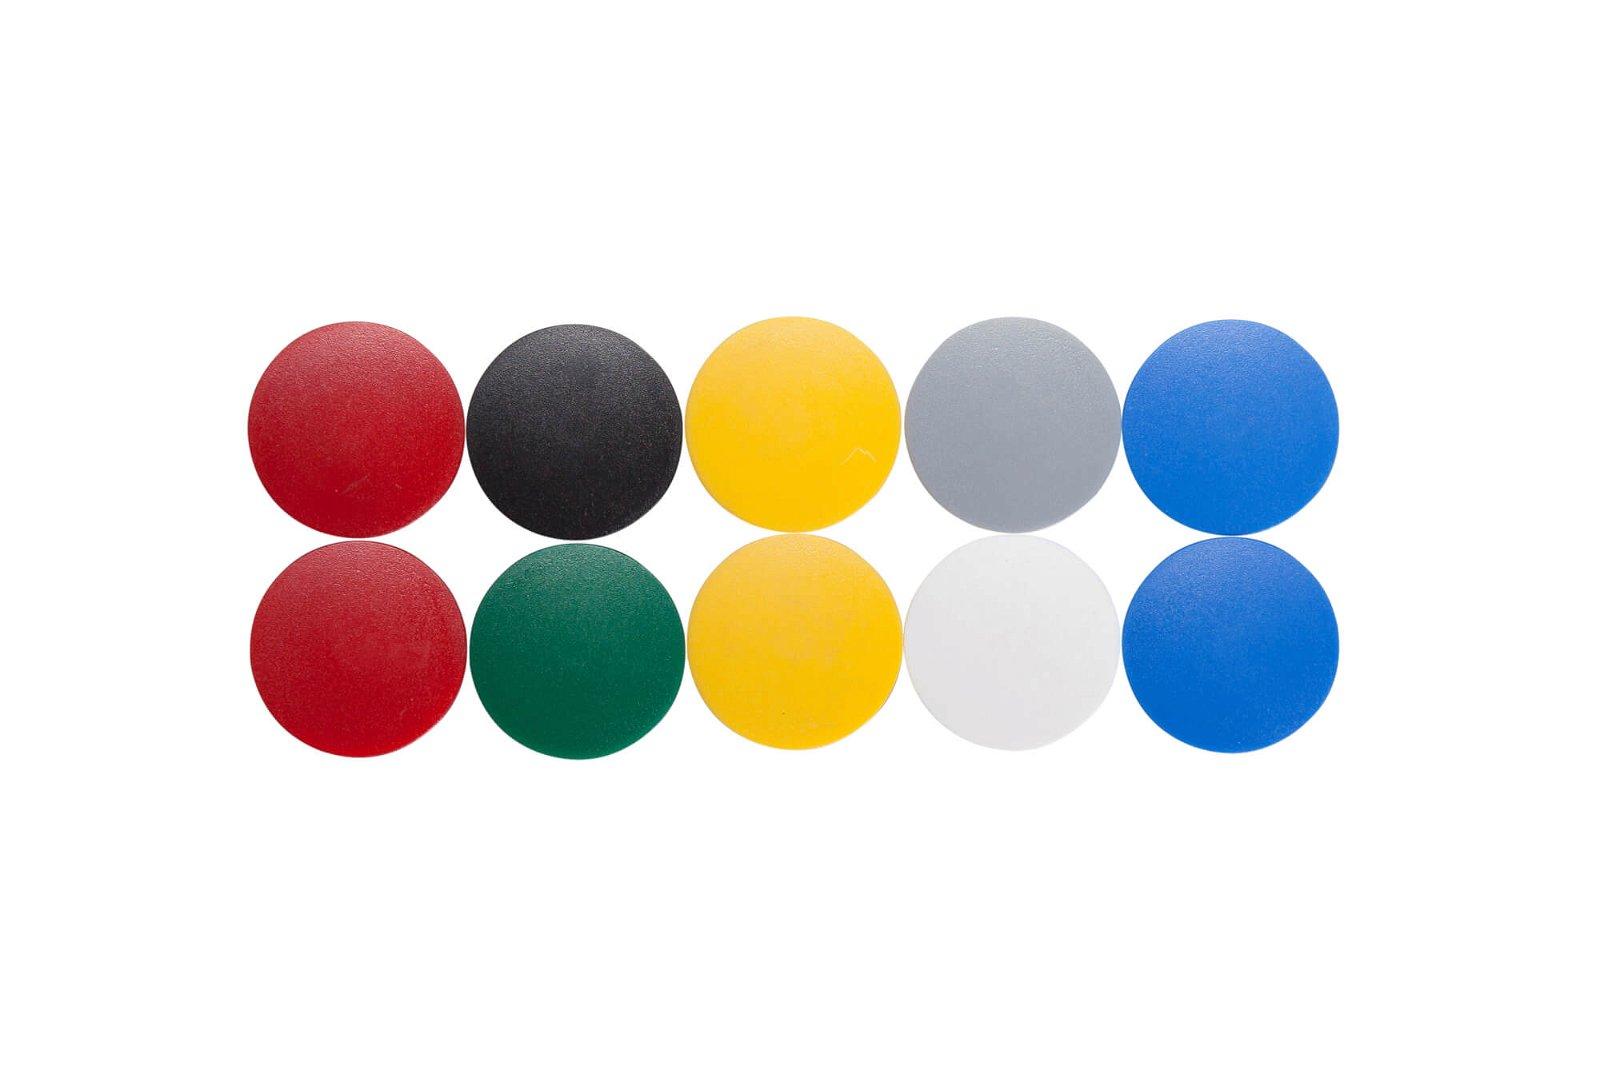 Magnet MAULsolid Ø 32 mm, 0,8 kg Haftkraft, 10 St./Ktn., farbig sortiert